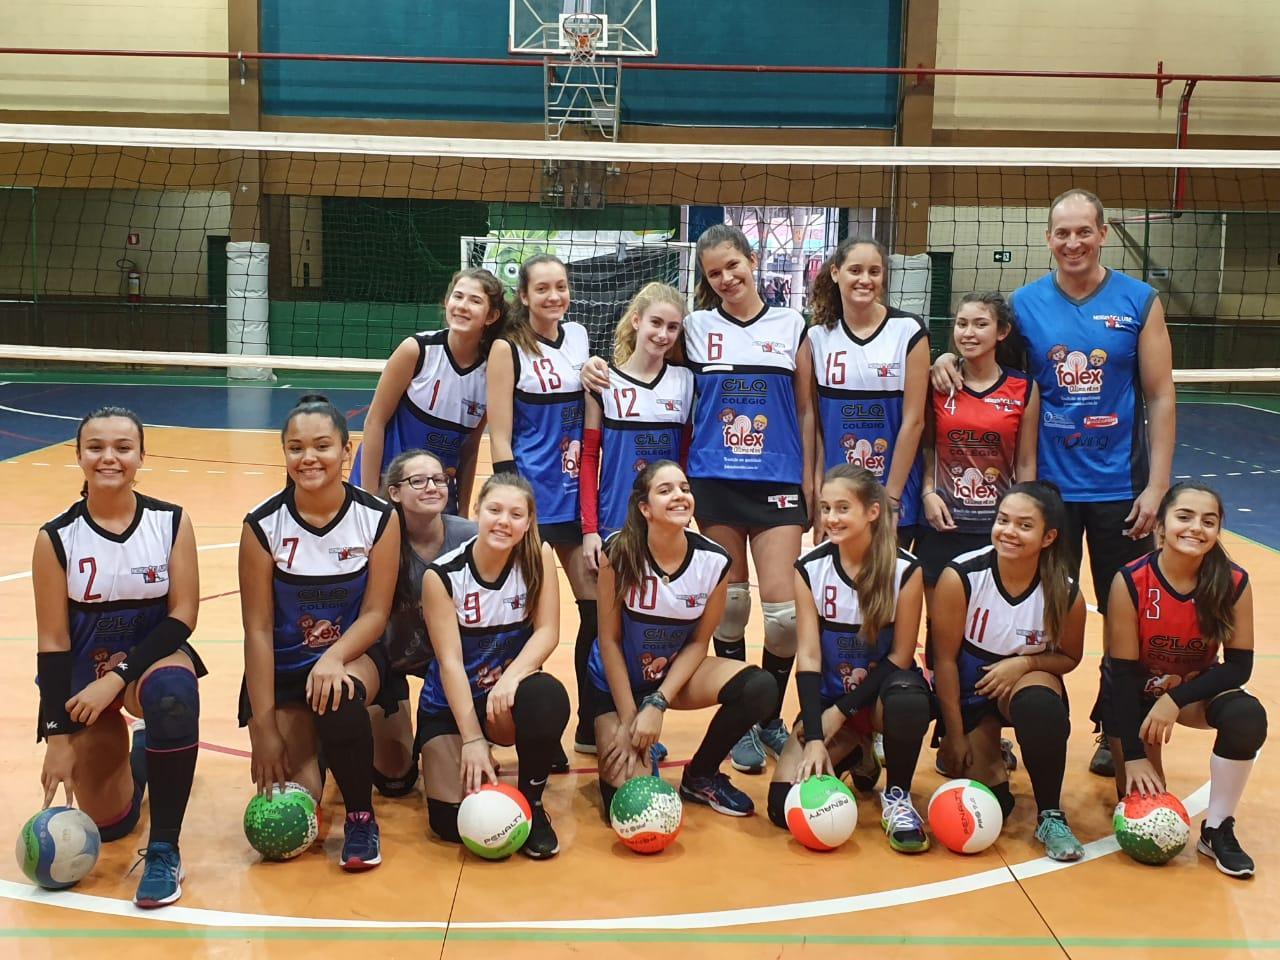 Equipe sub-15 feminina do Nosso Clube vence SBO pela Copa Regional de Voleibol